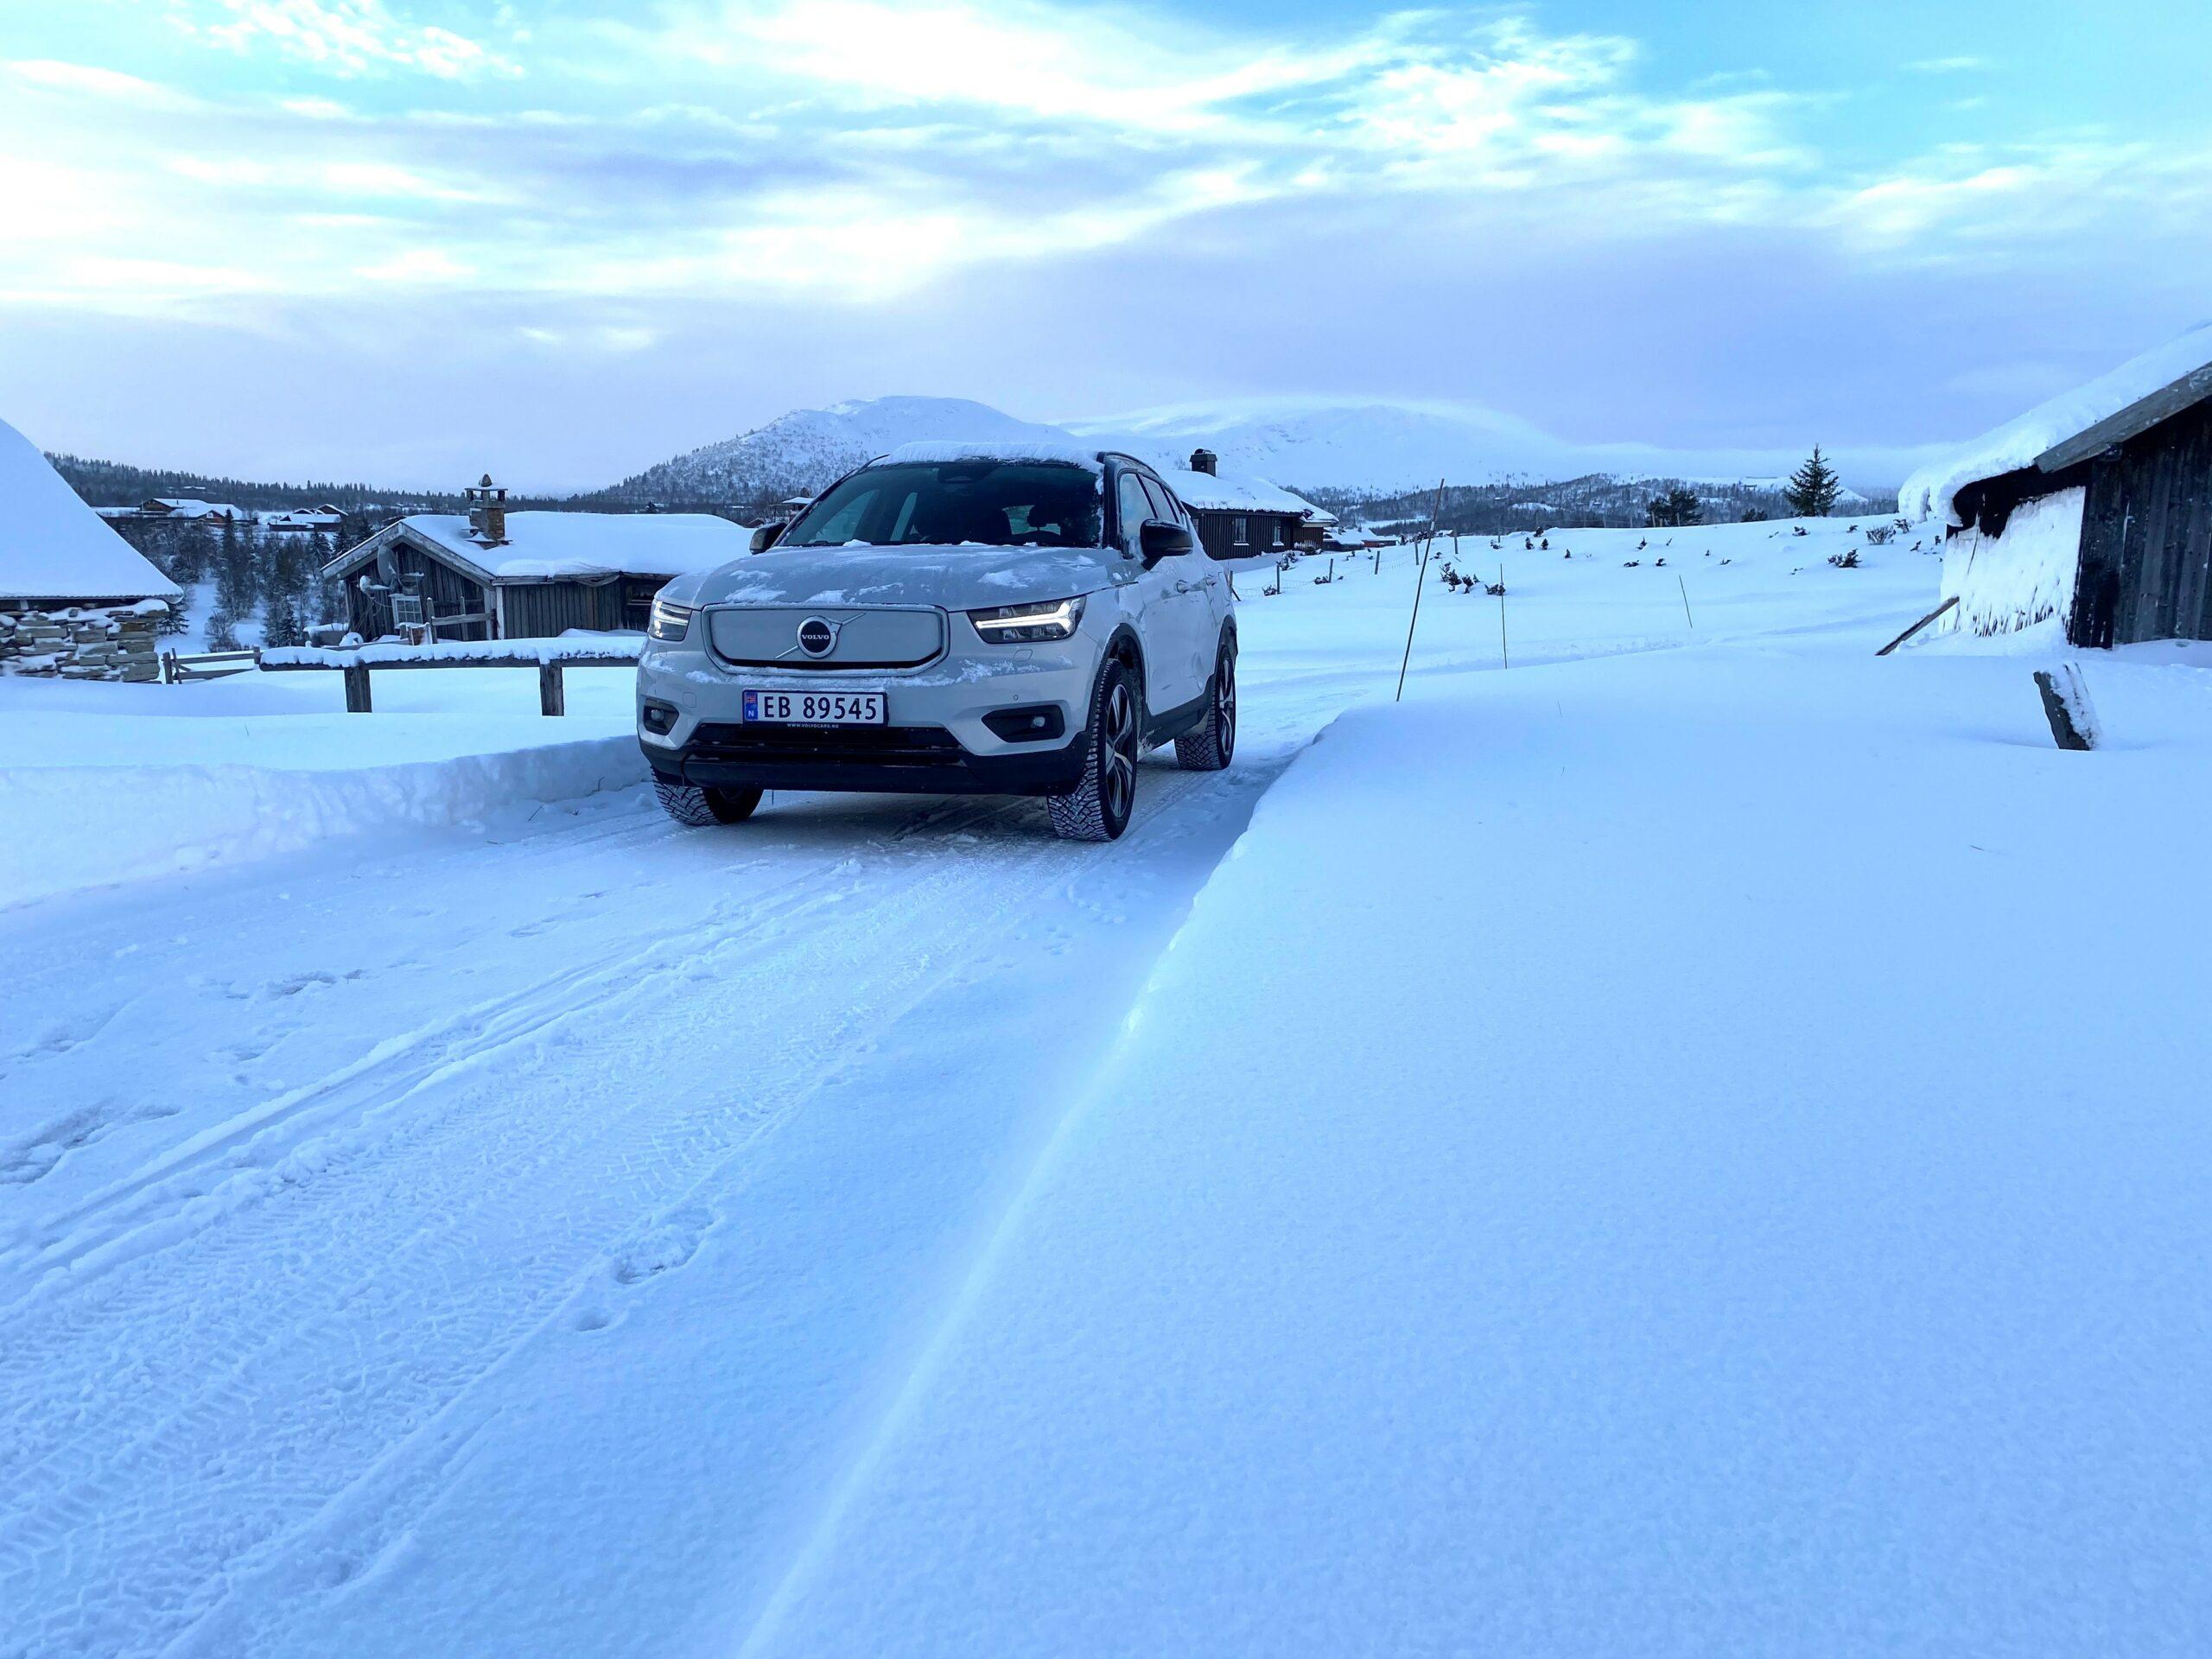 Vinter og kulde gir utfordringer for alle med elbil